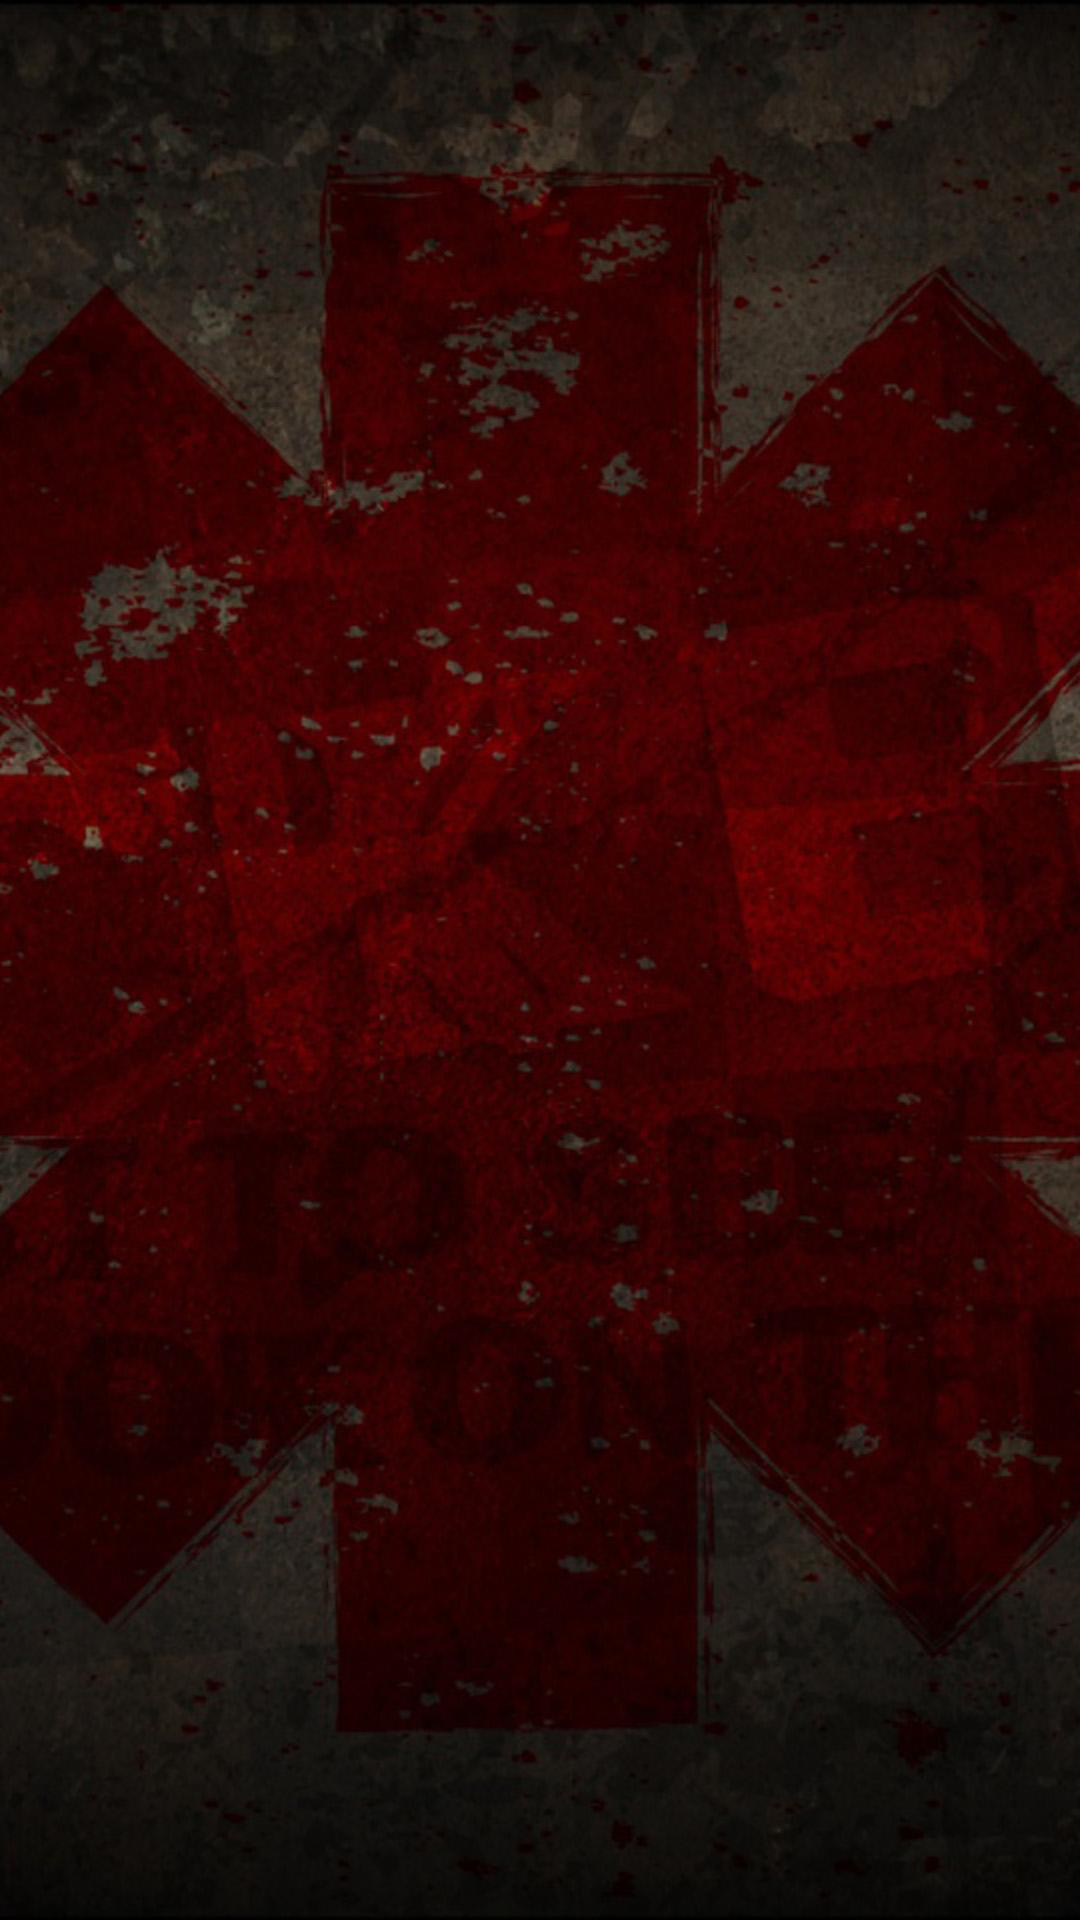 Red Iphone 6 Plus Wallpaper Wallpapersafari